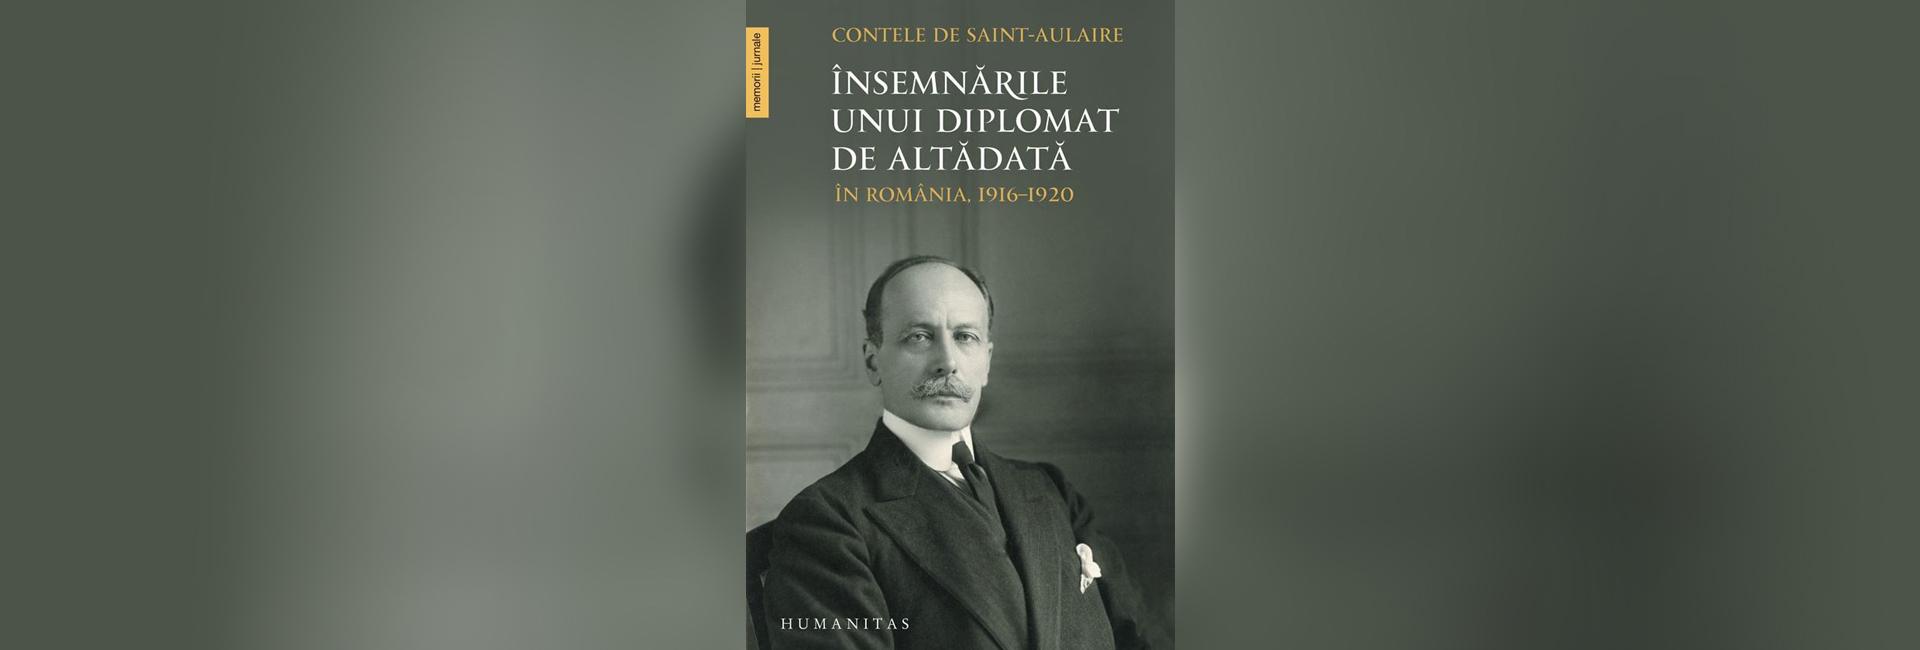 diplomat contele de Saint-Aulaire francez România slider